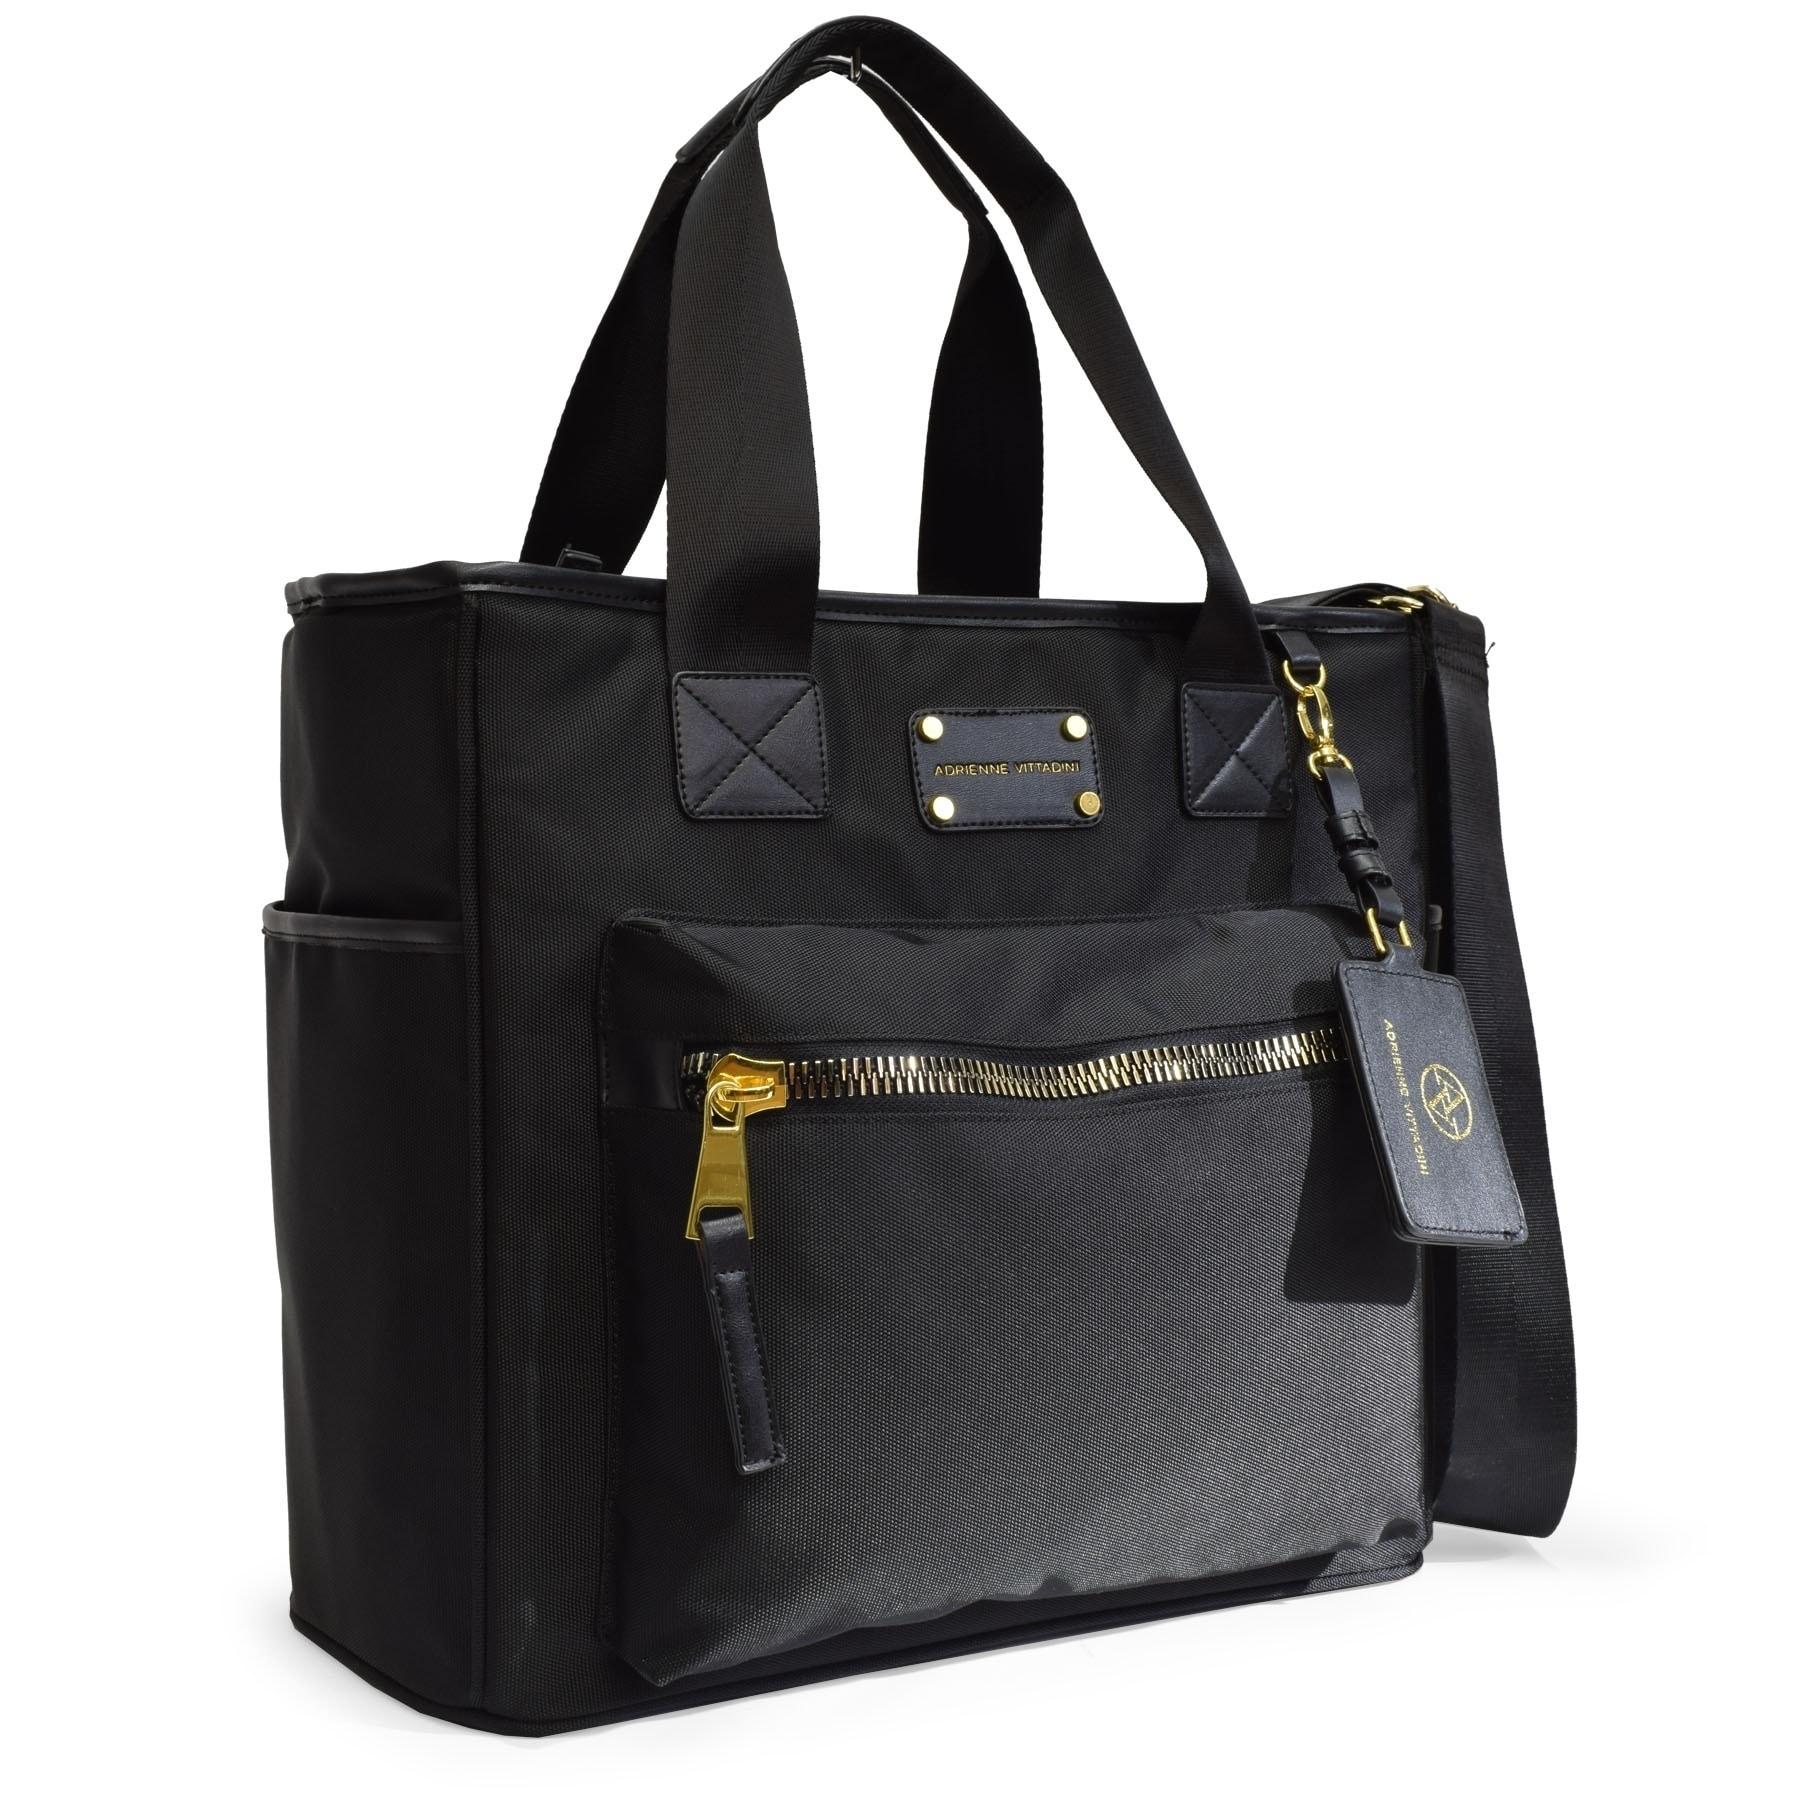 5e93adab06 Travel Tote Bags